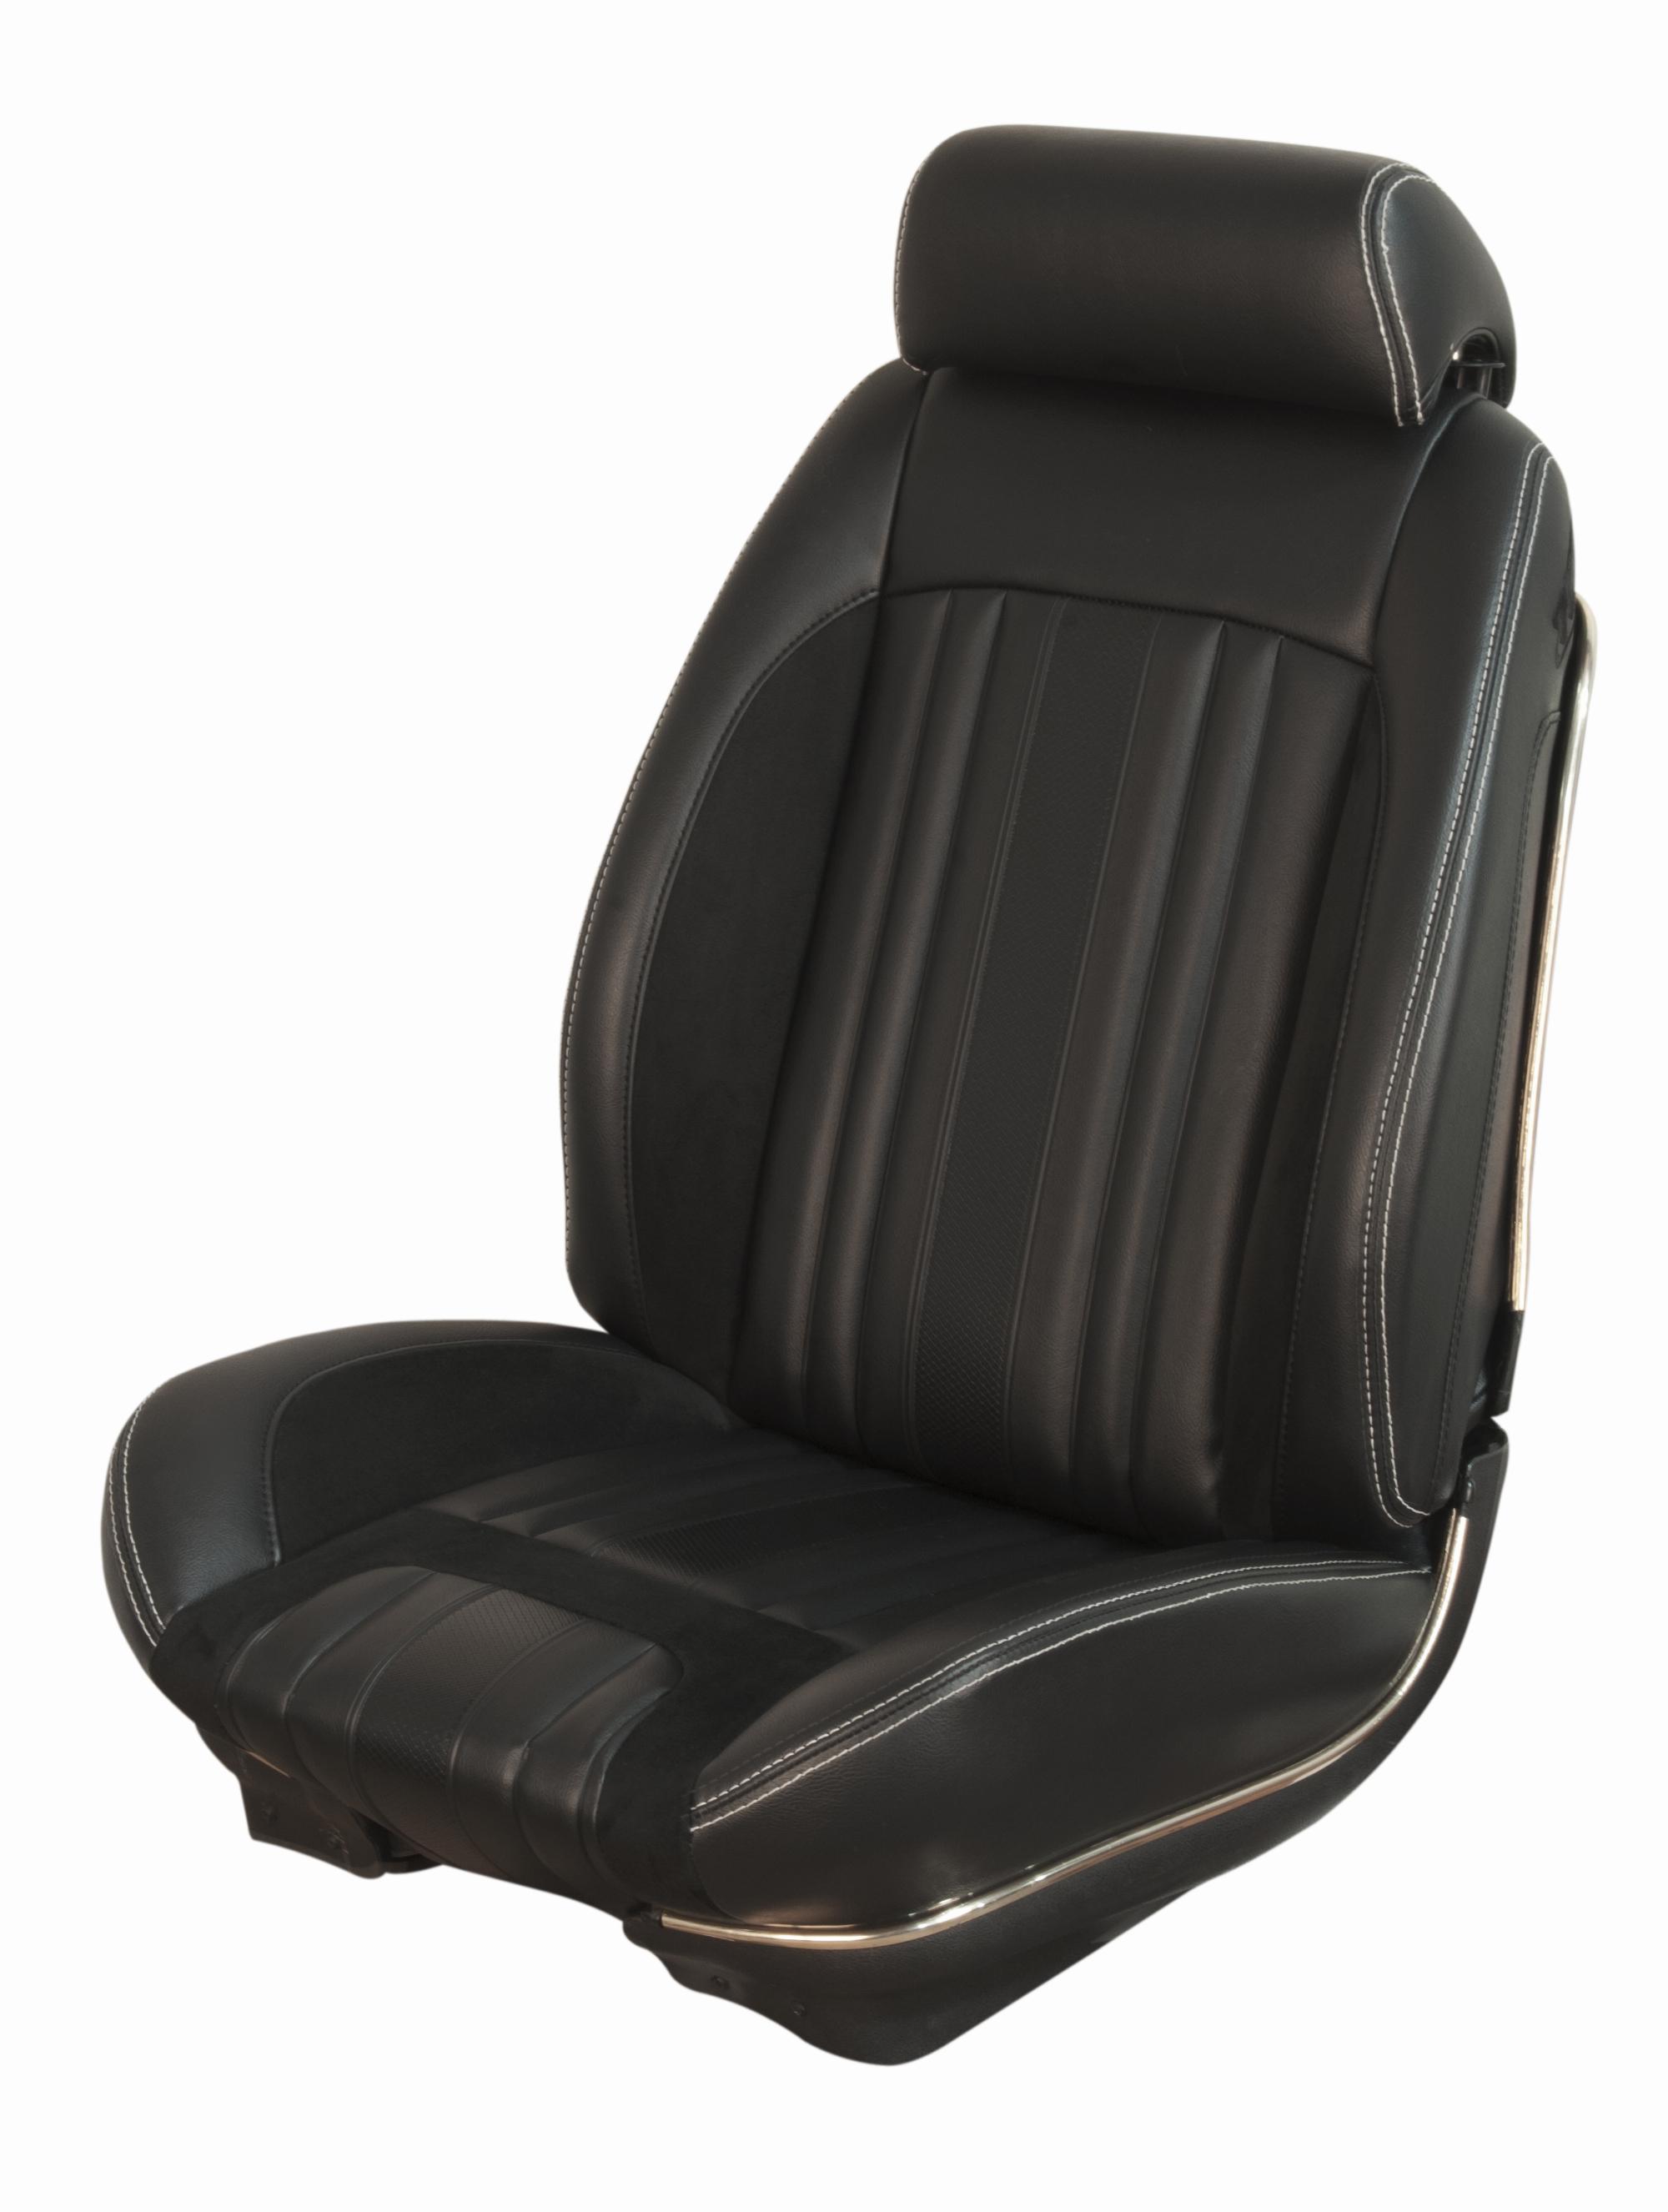 69 Chevelle Convertible Tmi Sport R Black Seat Cover Set 2